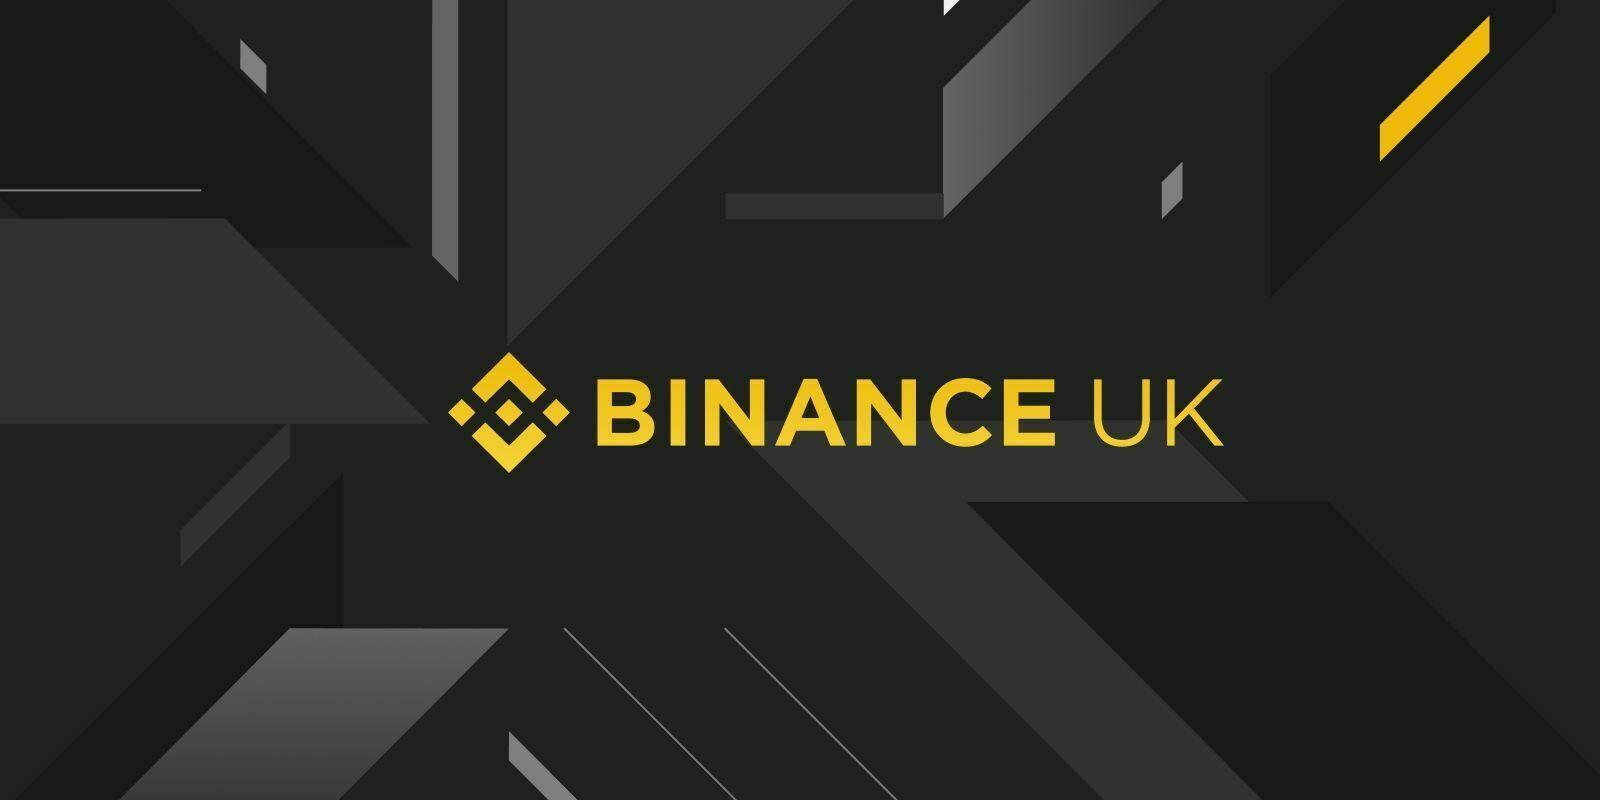 Binance lance un exchange réglementé par la FCA pour le Royaume-Uni